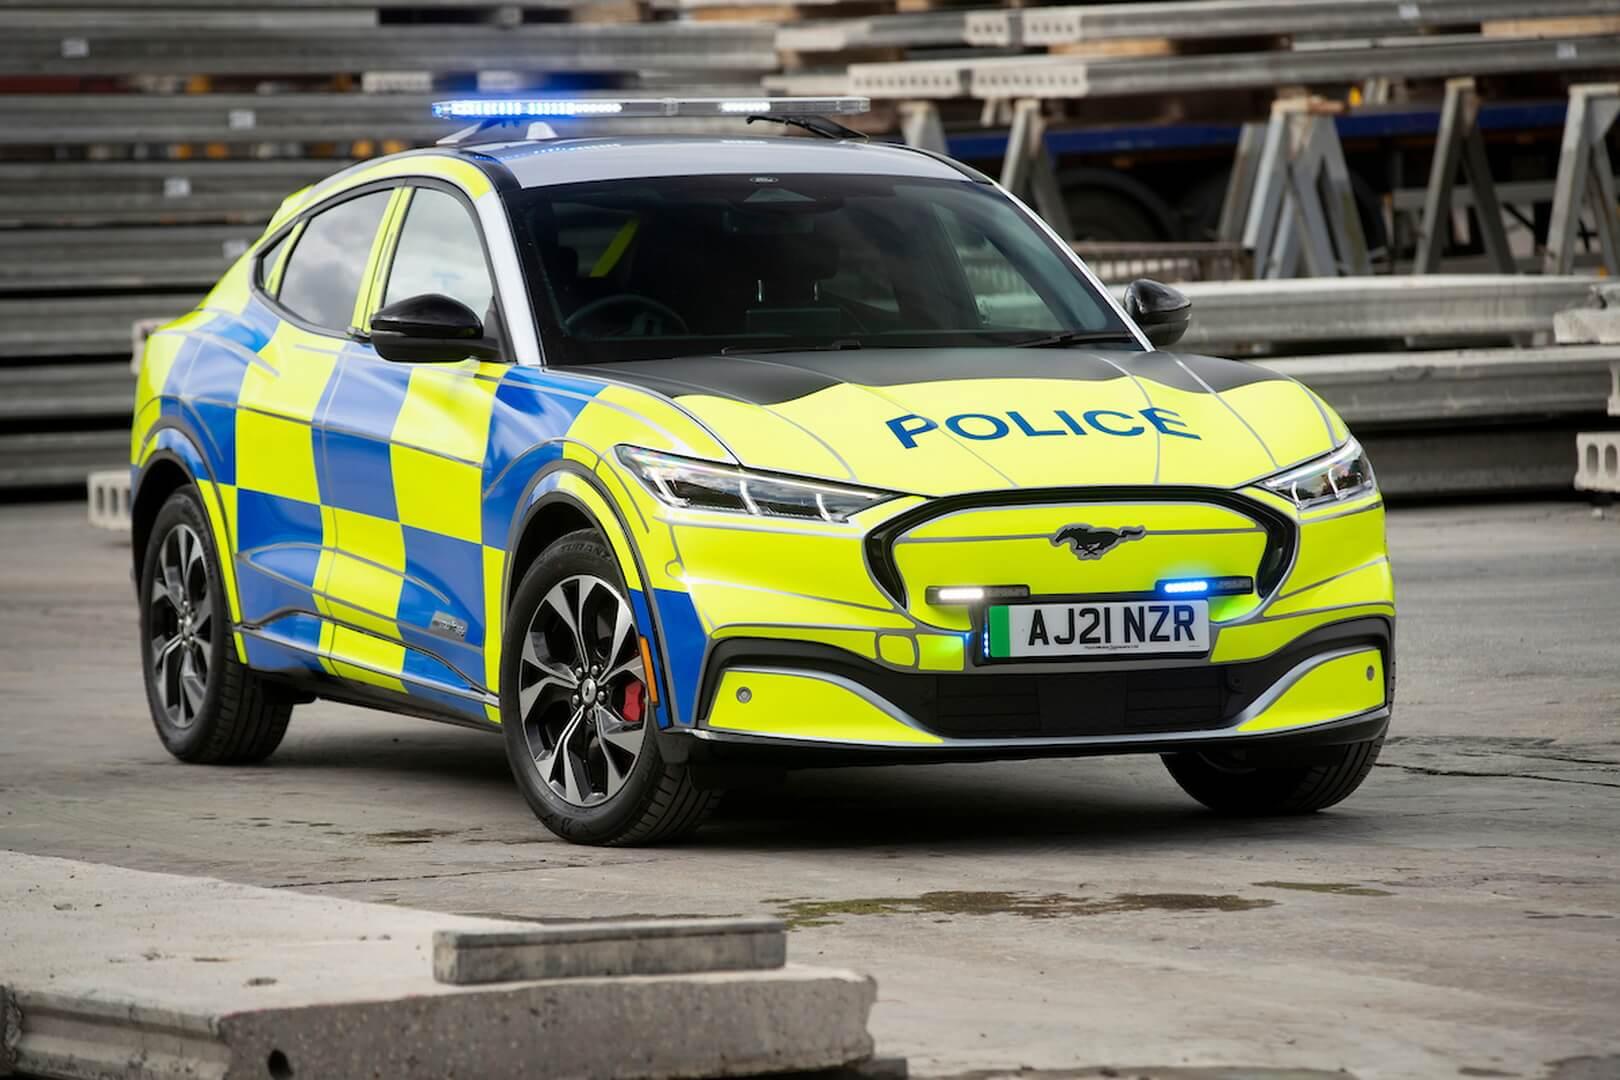 Полицейские службы Великобритании испытывают Ford Mustang Mach-E